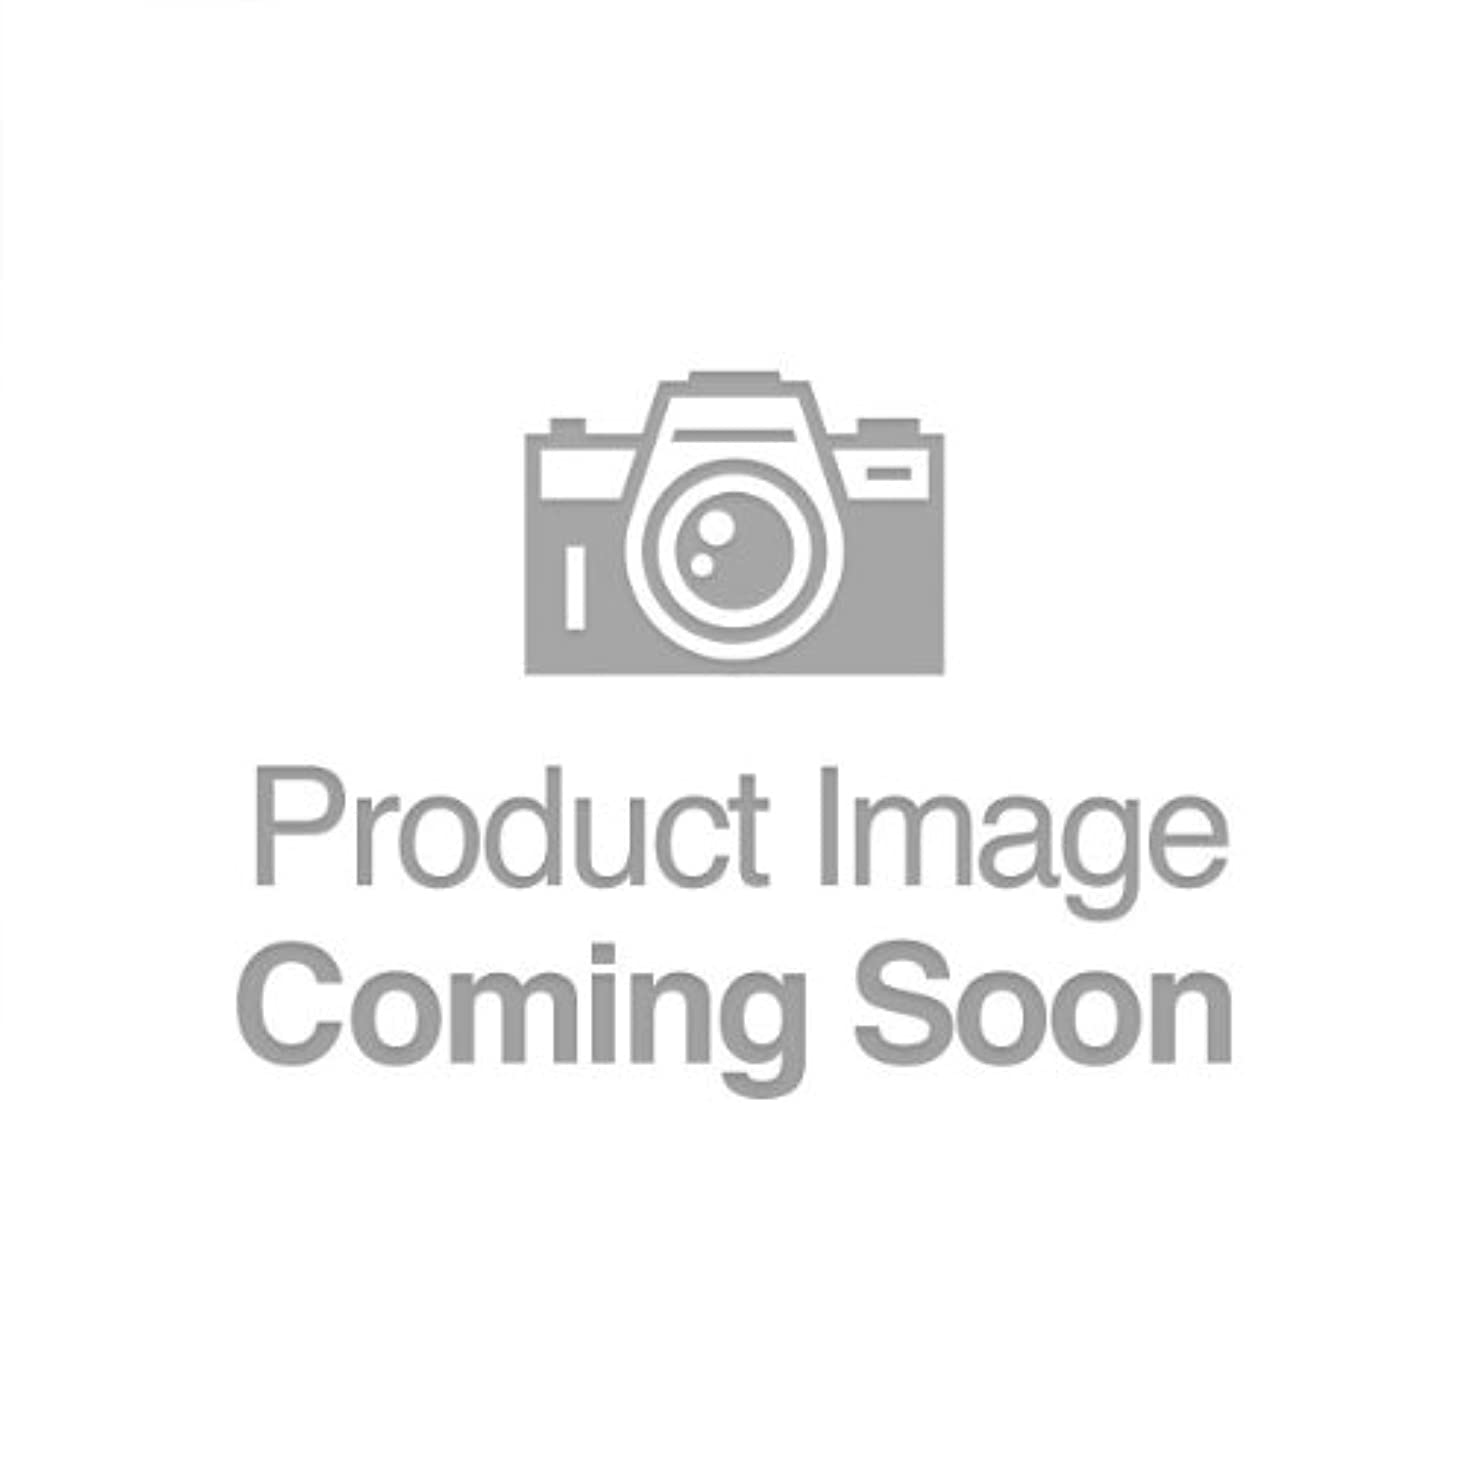 スライム川ラフEqual ExchangeオーガニックMind Body & SoulコーヒーGround Medium Roast – - 12 oz